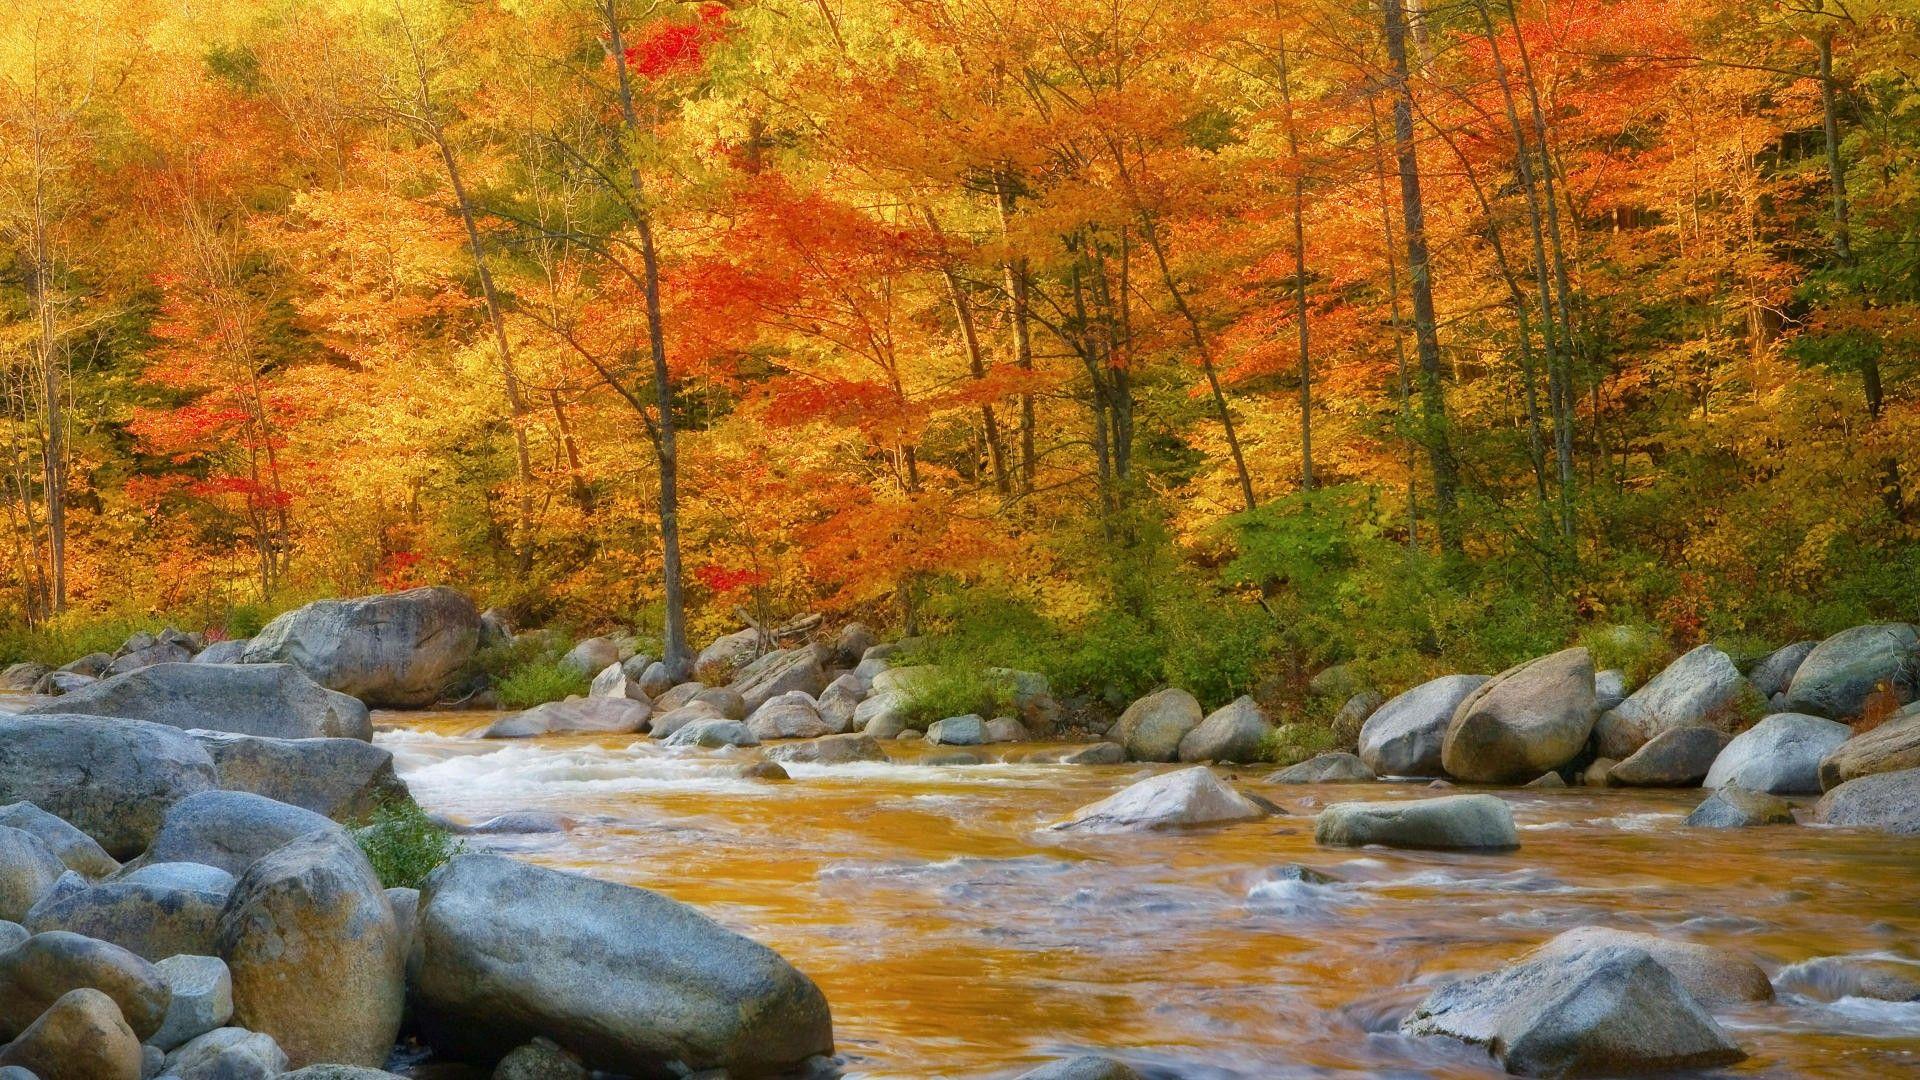 Autumn Pumpkin Wallpaper Widescreen